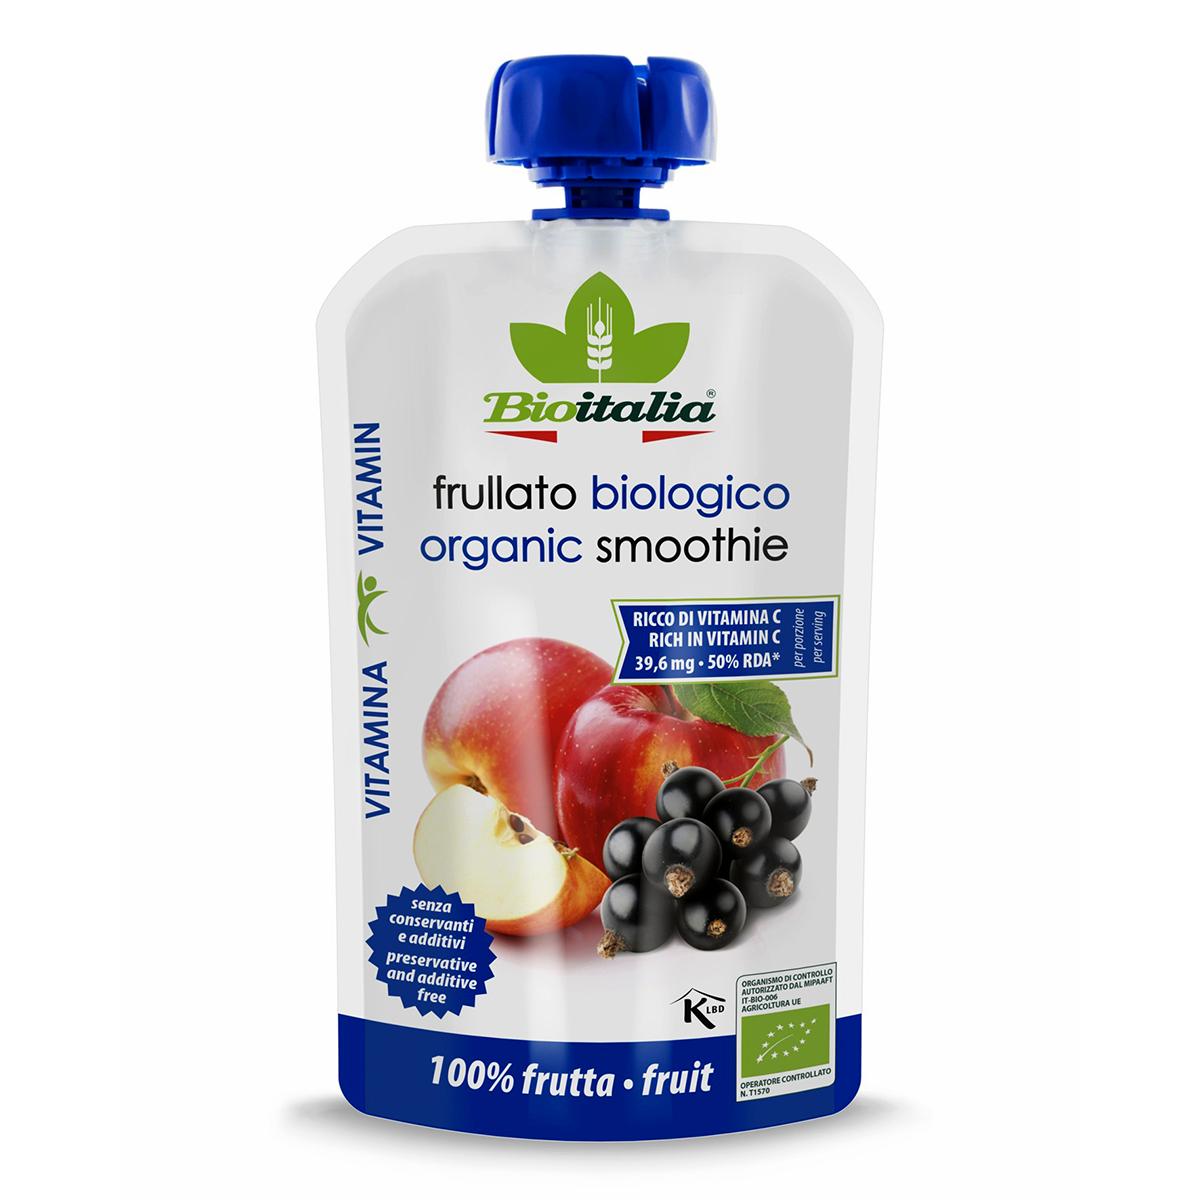 Hỗn hợp táo và quả lý chua đen hữu cơ 120g